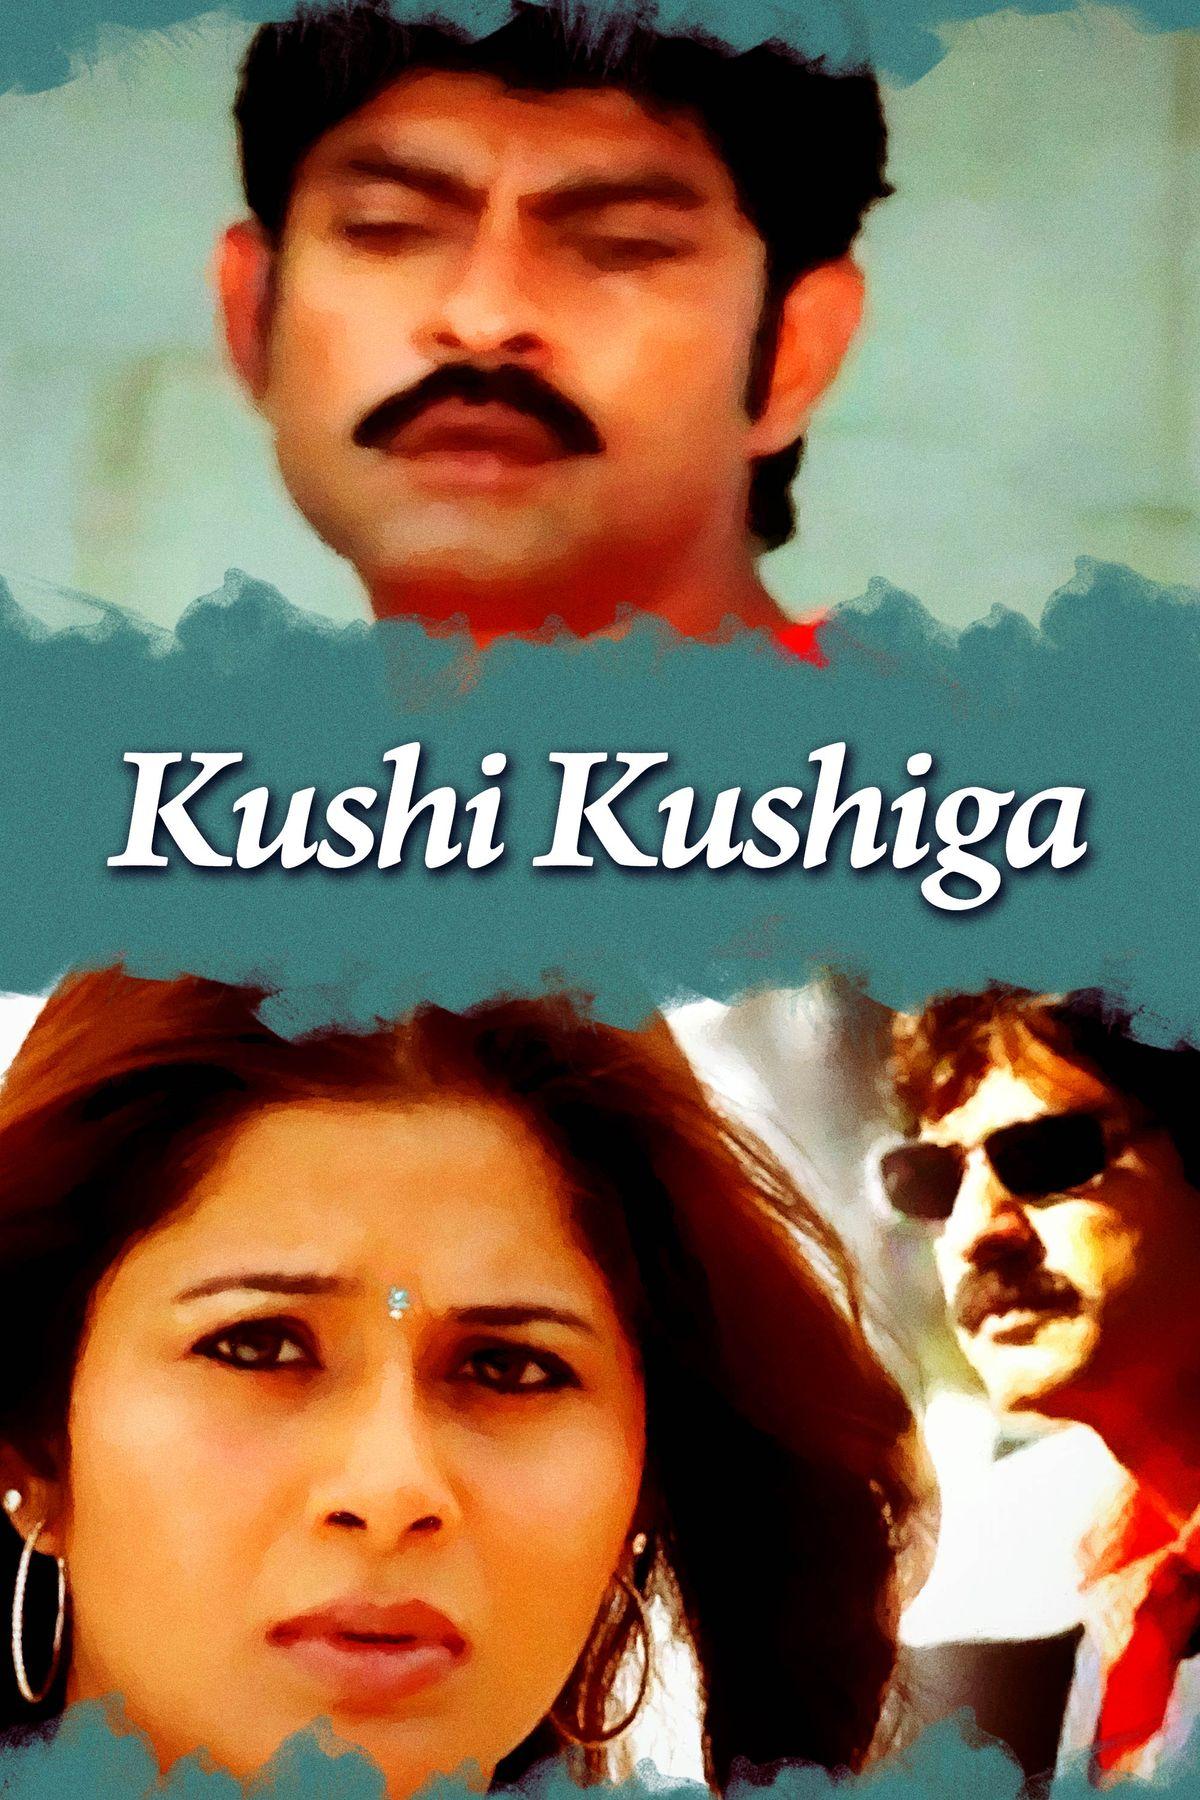 Kushi Kushiga